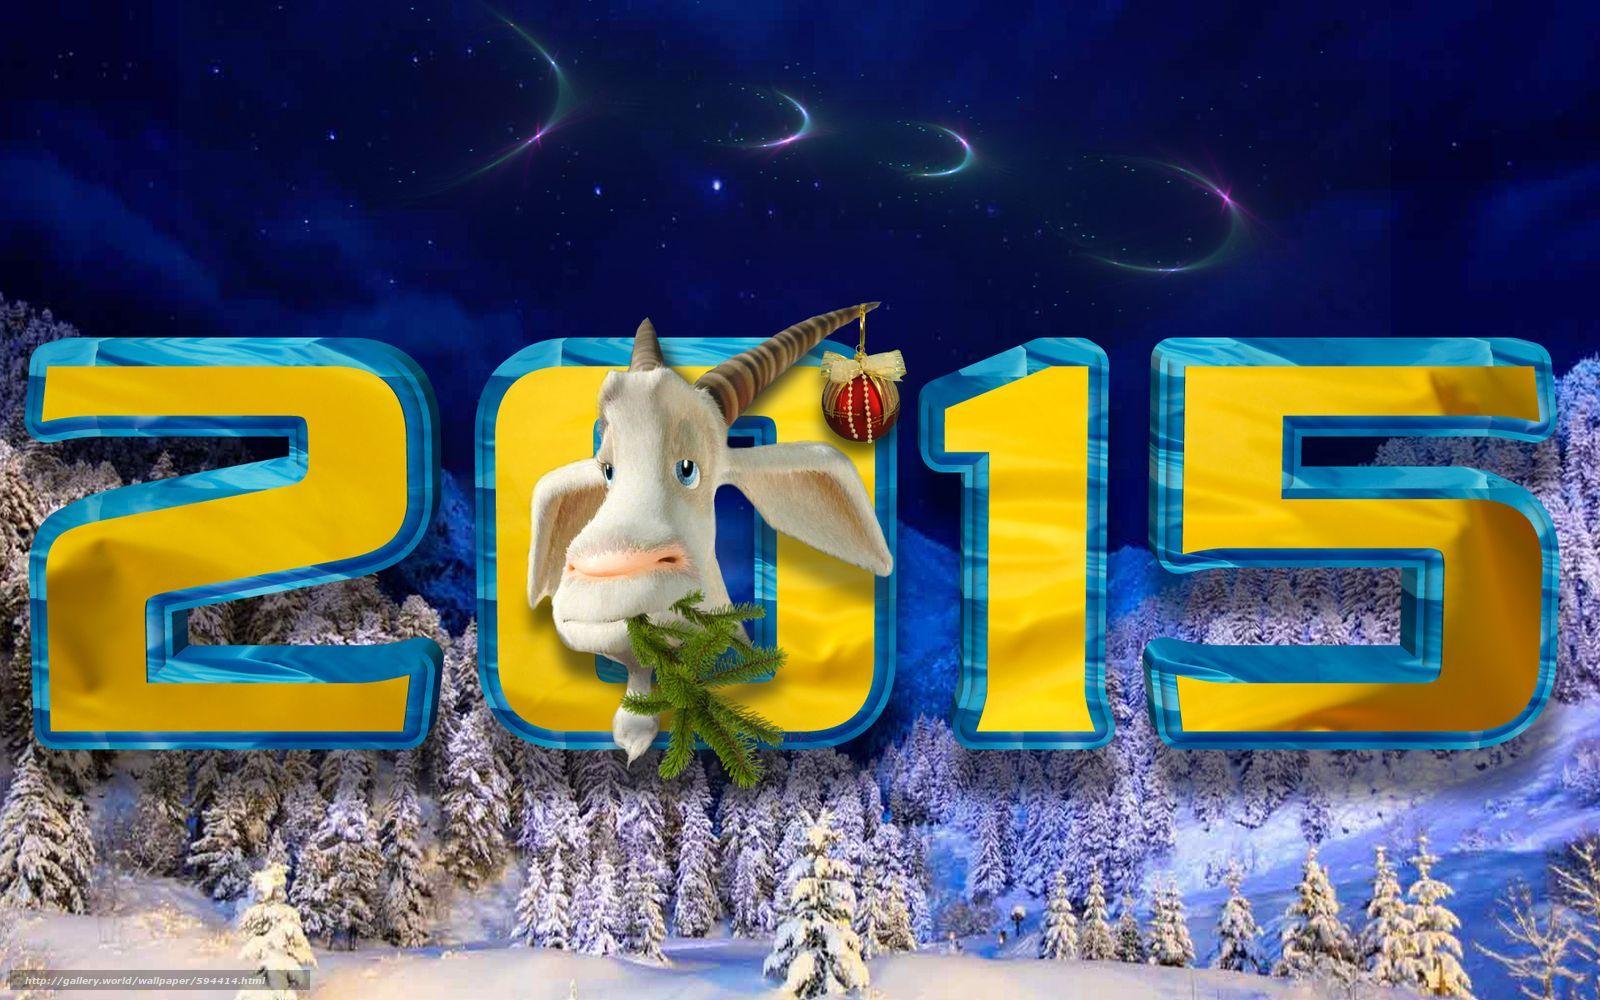 Скачать обои 2015,  коза,  ночь,  снег бесплатно для рабочего стола в разрешении 1600x1000 — картинка №594414